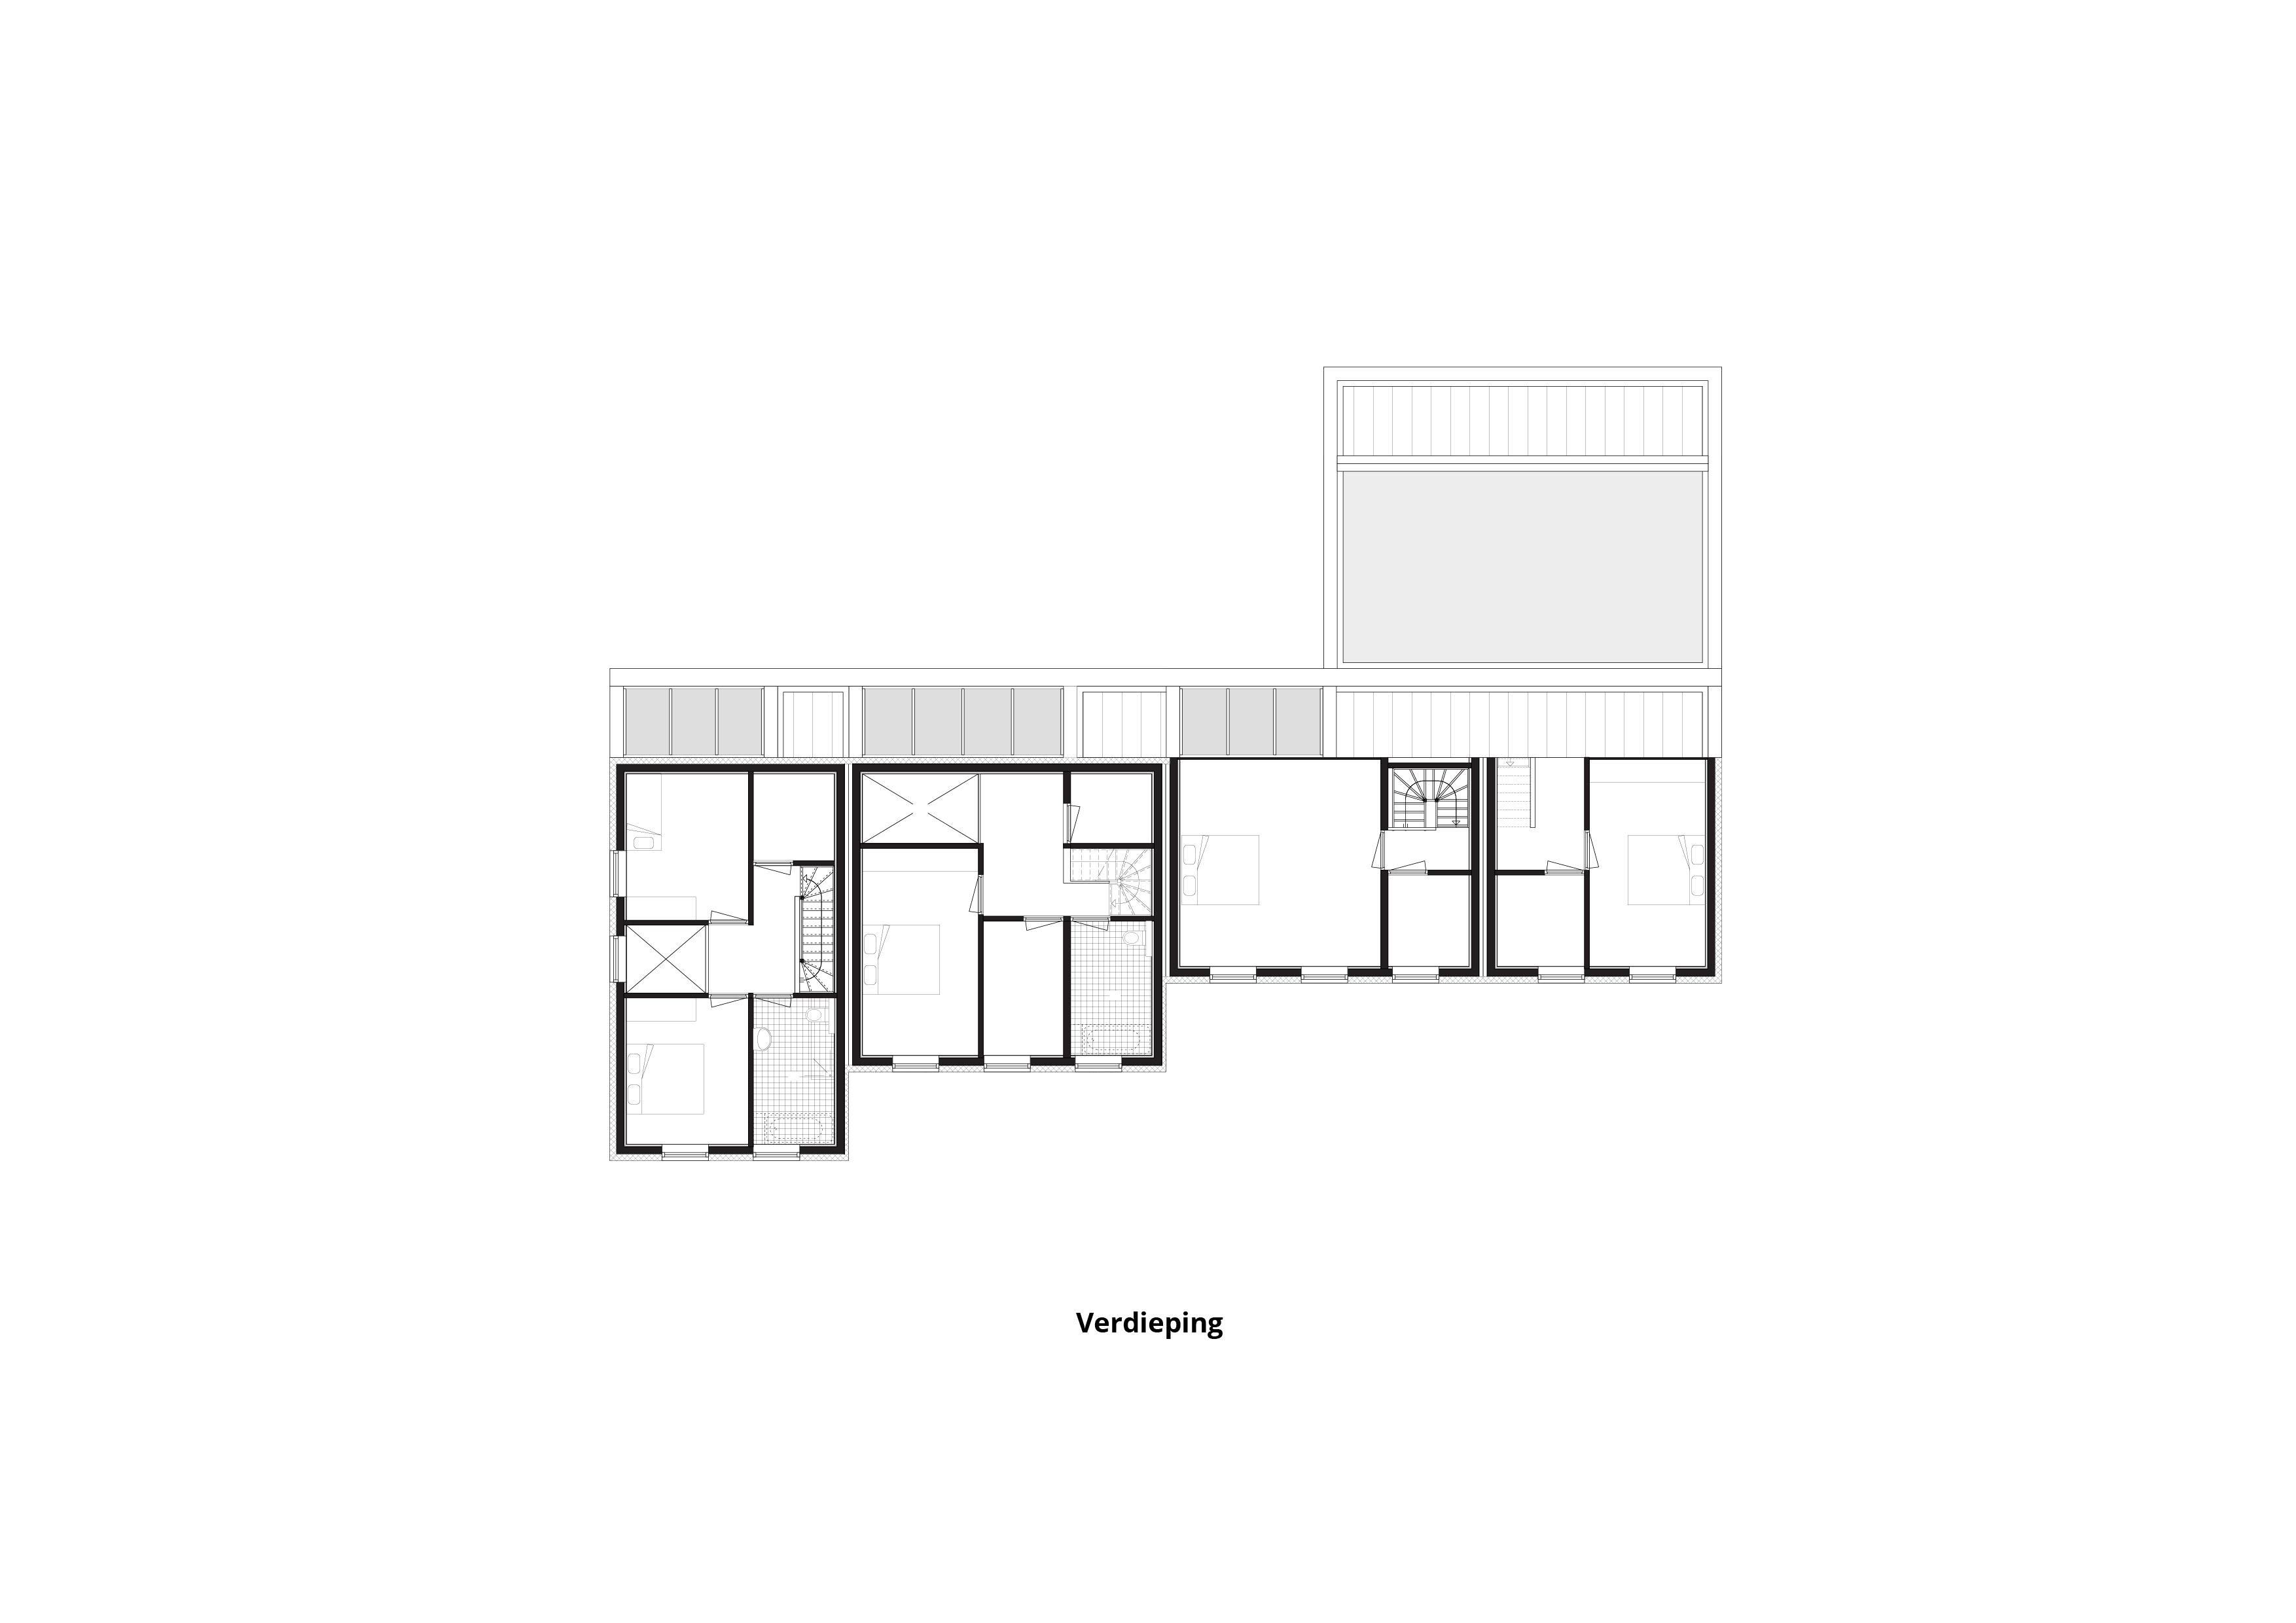 Zouteland – Verdieping